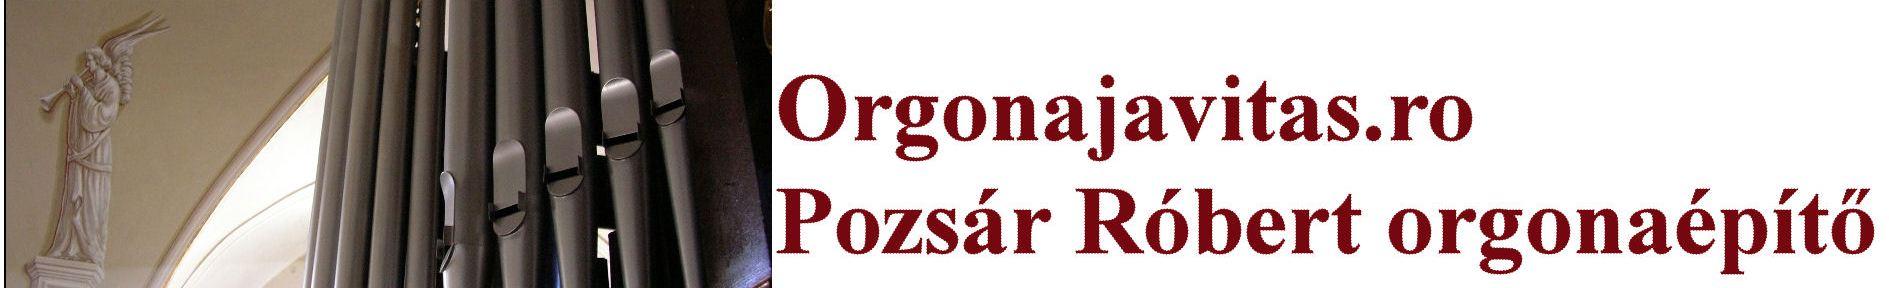 Pozsár Róbert orgonaépítő